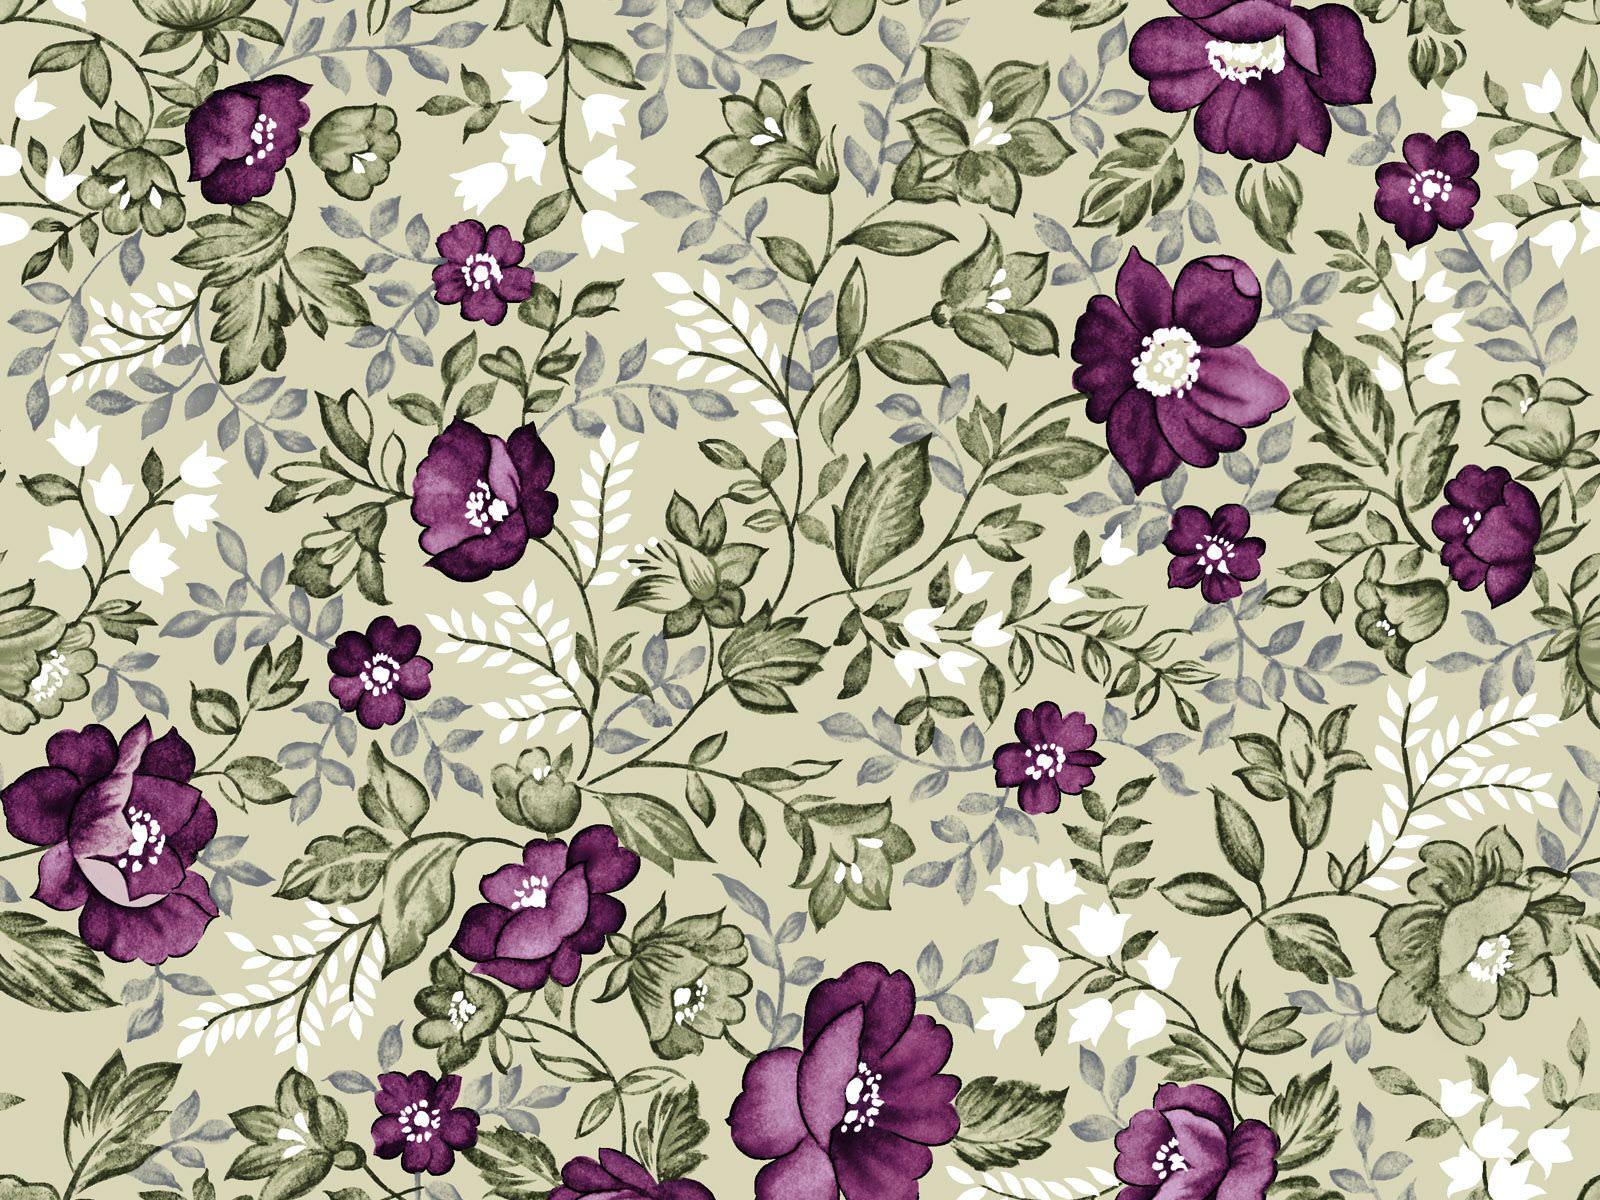 Victorian Wallpaper Black 18 Vintage Floral Wallpapers Floral Patterns